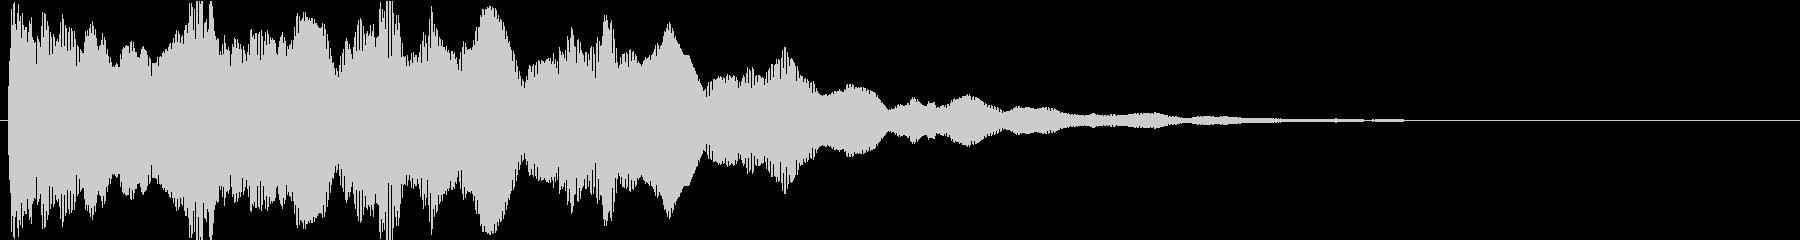 ピン:アニメや漫画で閃く時の音6の未再生の波形